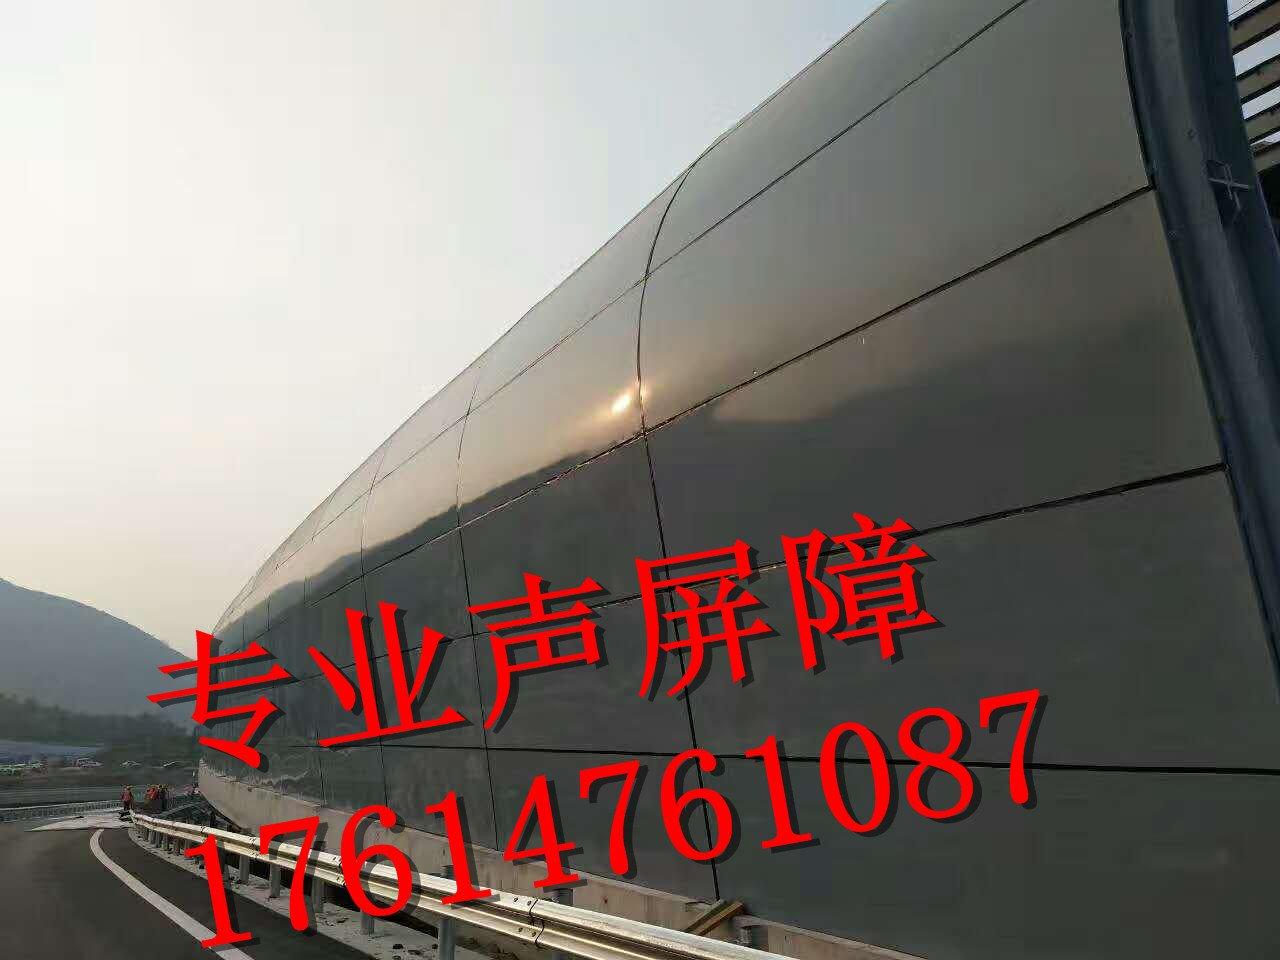 39259970.jpg